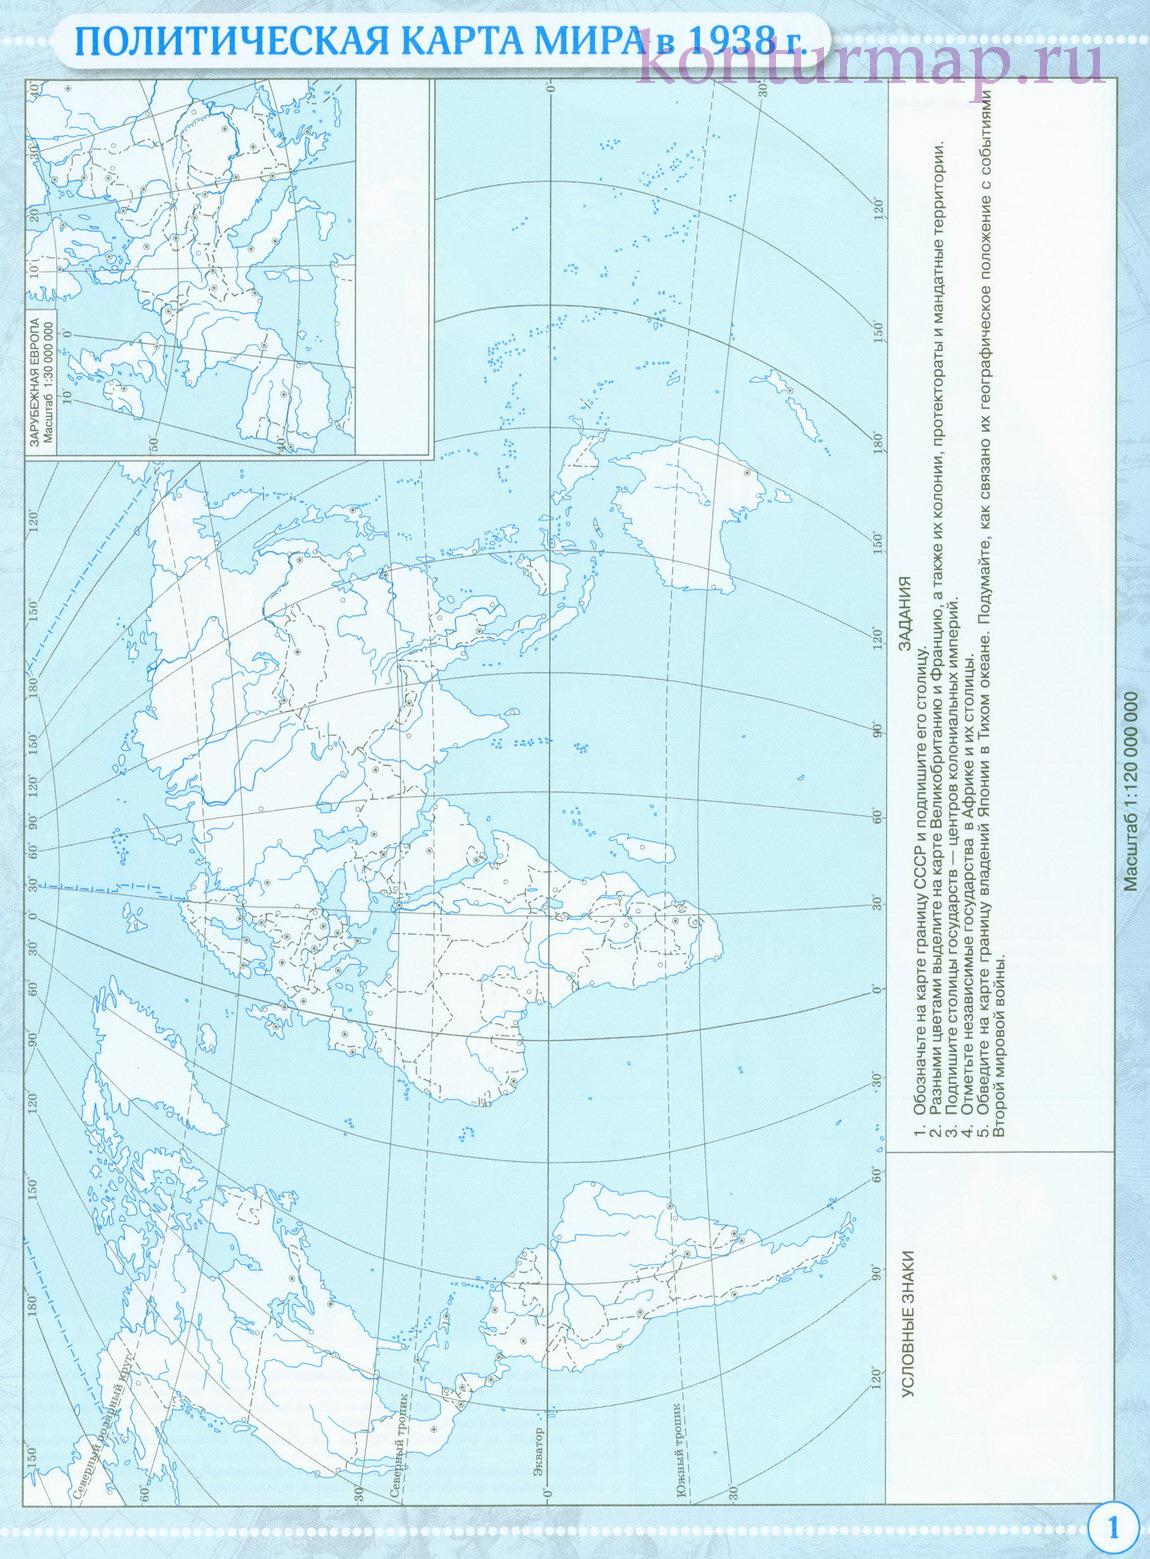 Политическая карта мира 1938.